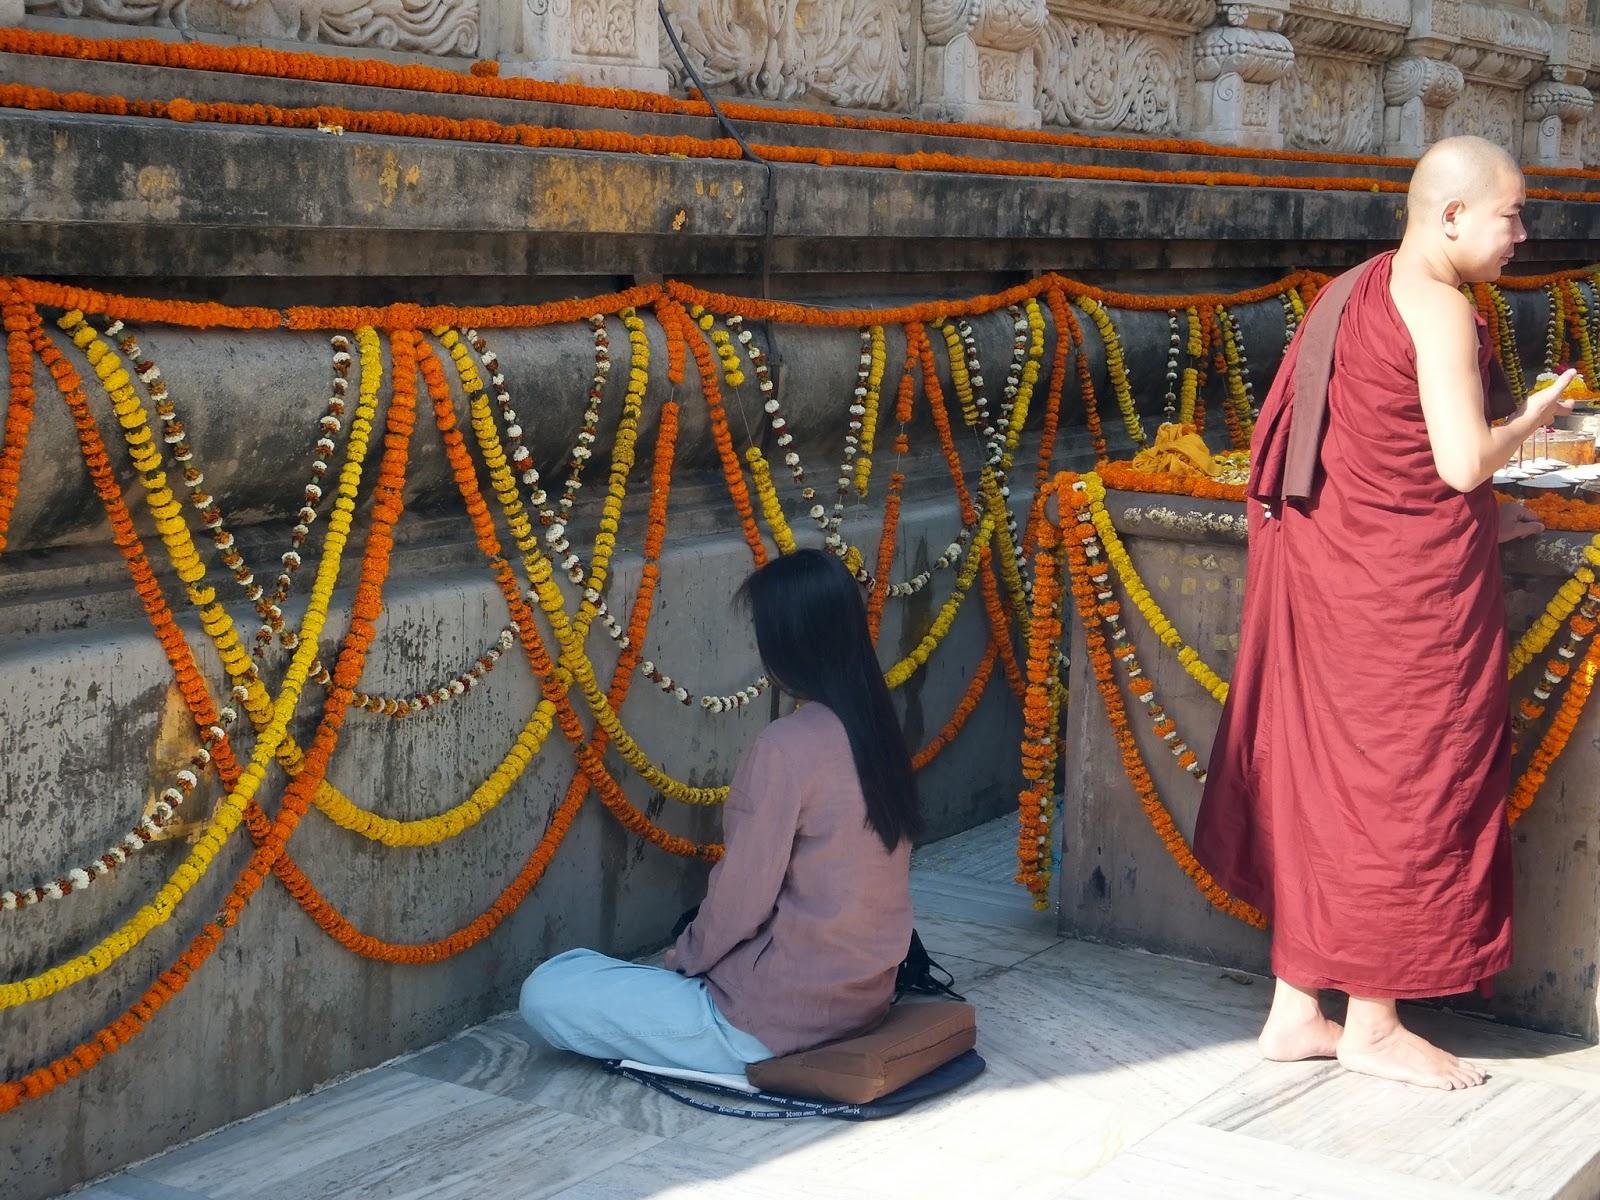 девушка медитирует у стены в храме